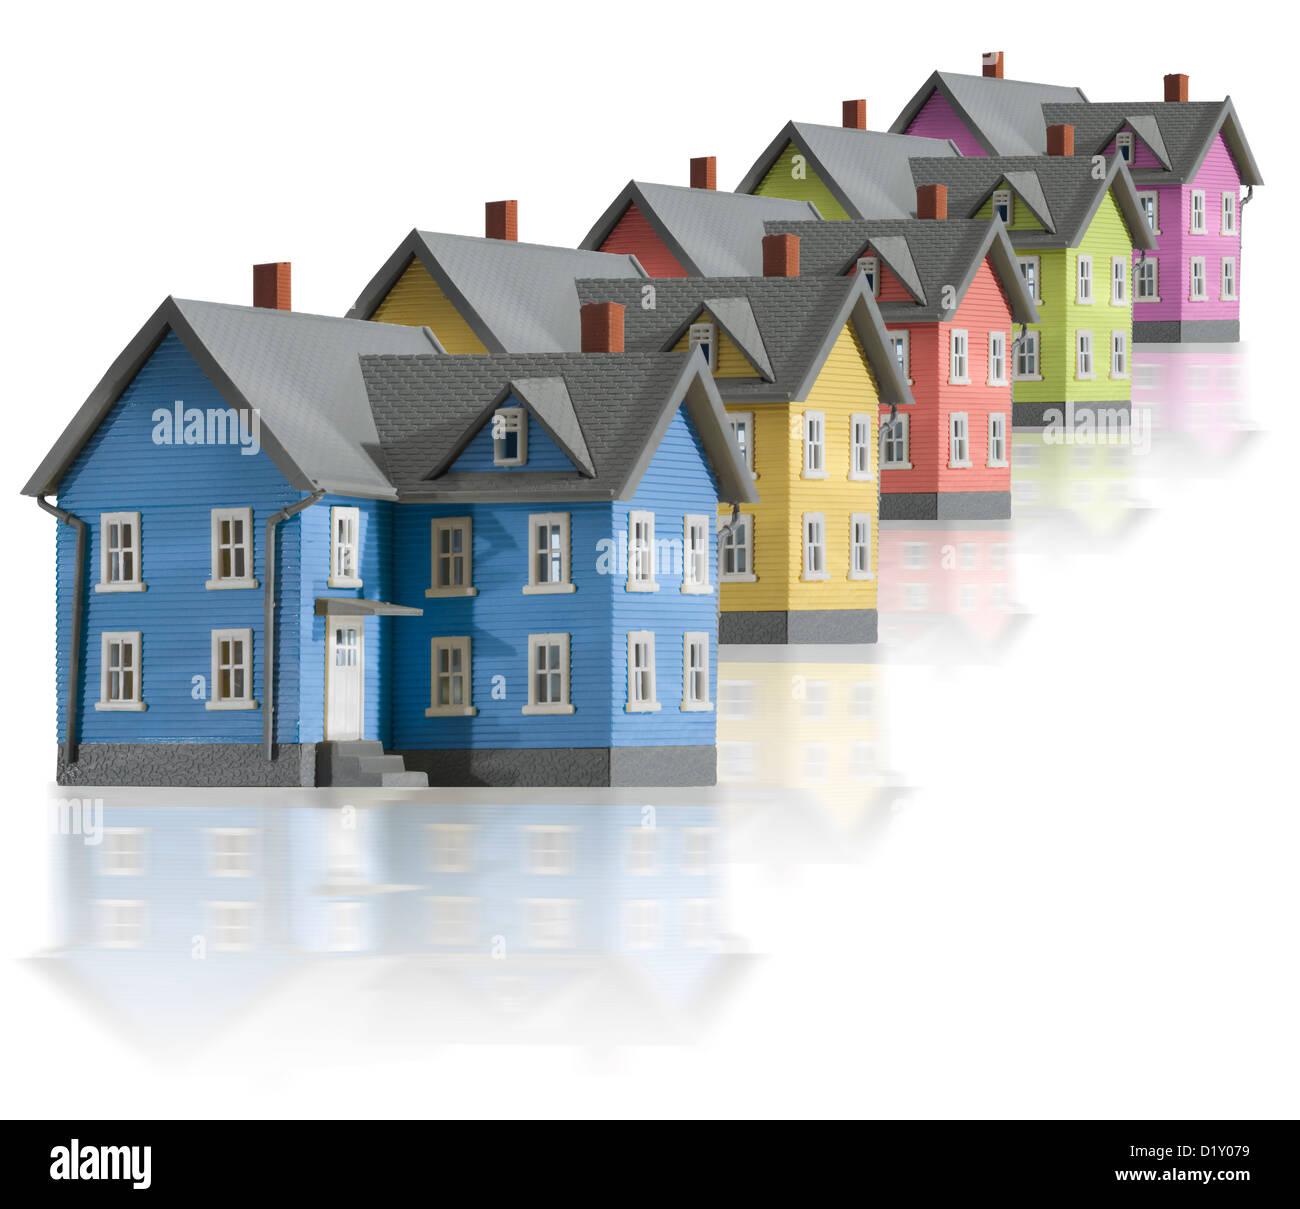 Häuser in einer vertikalen Reihe Stockbild